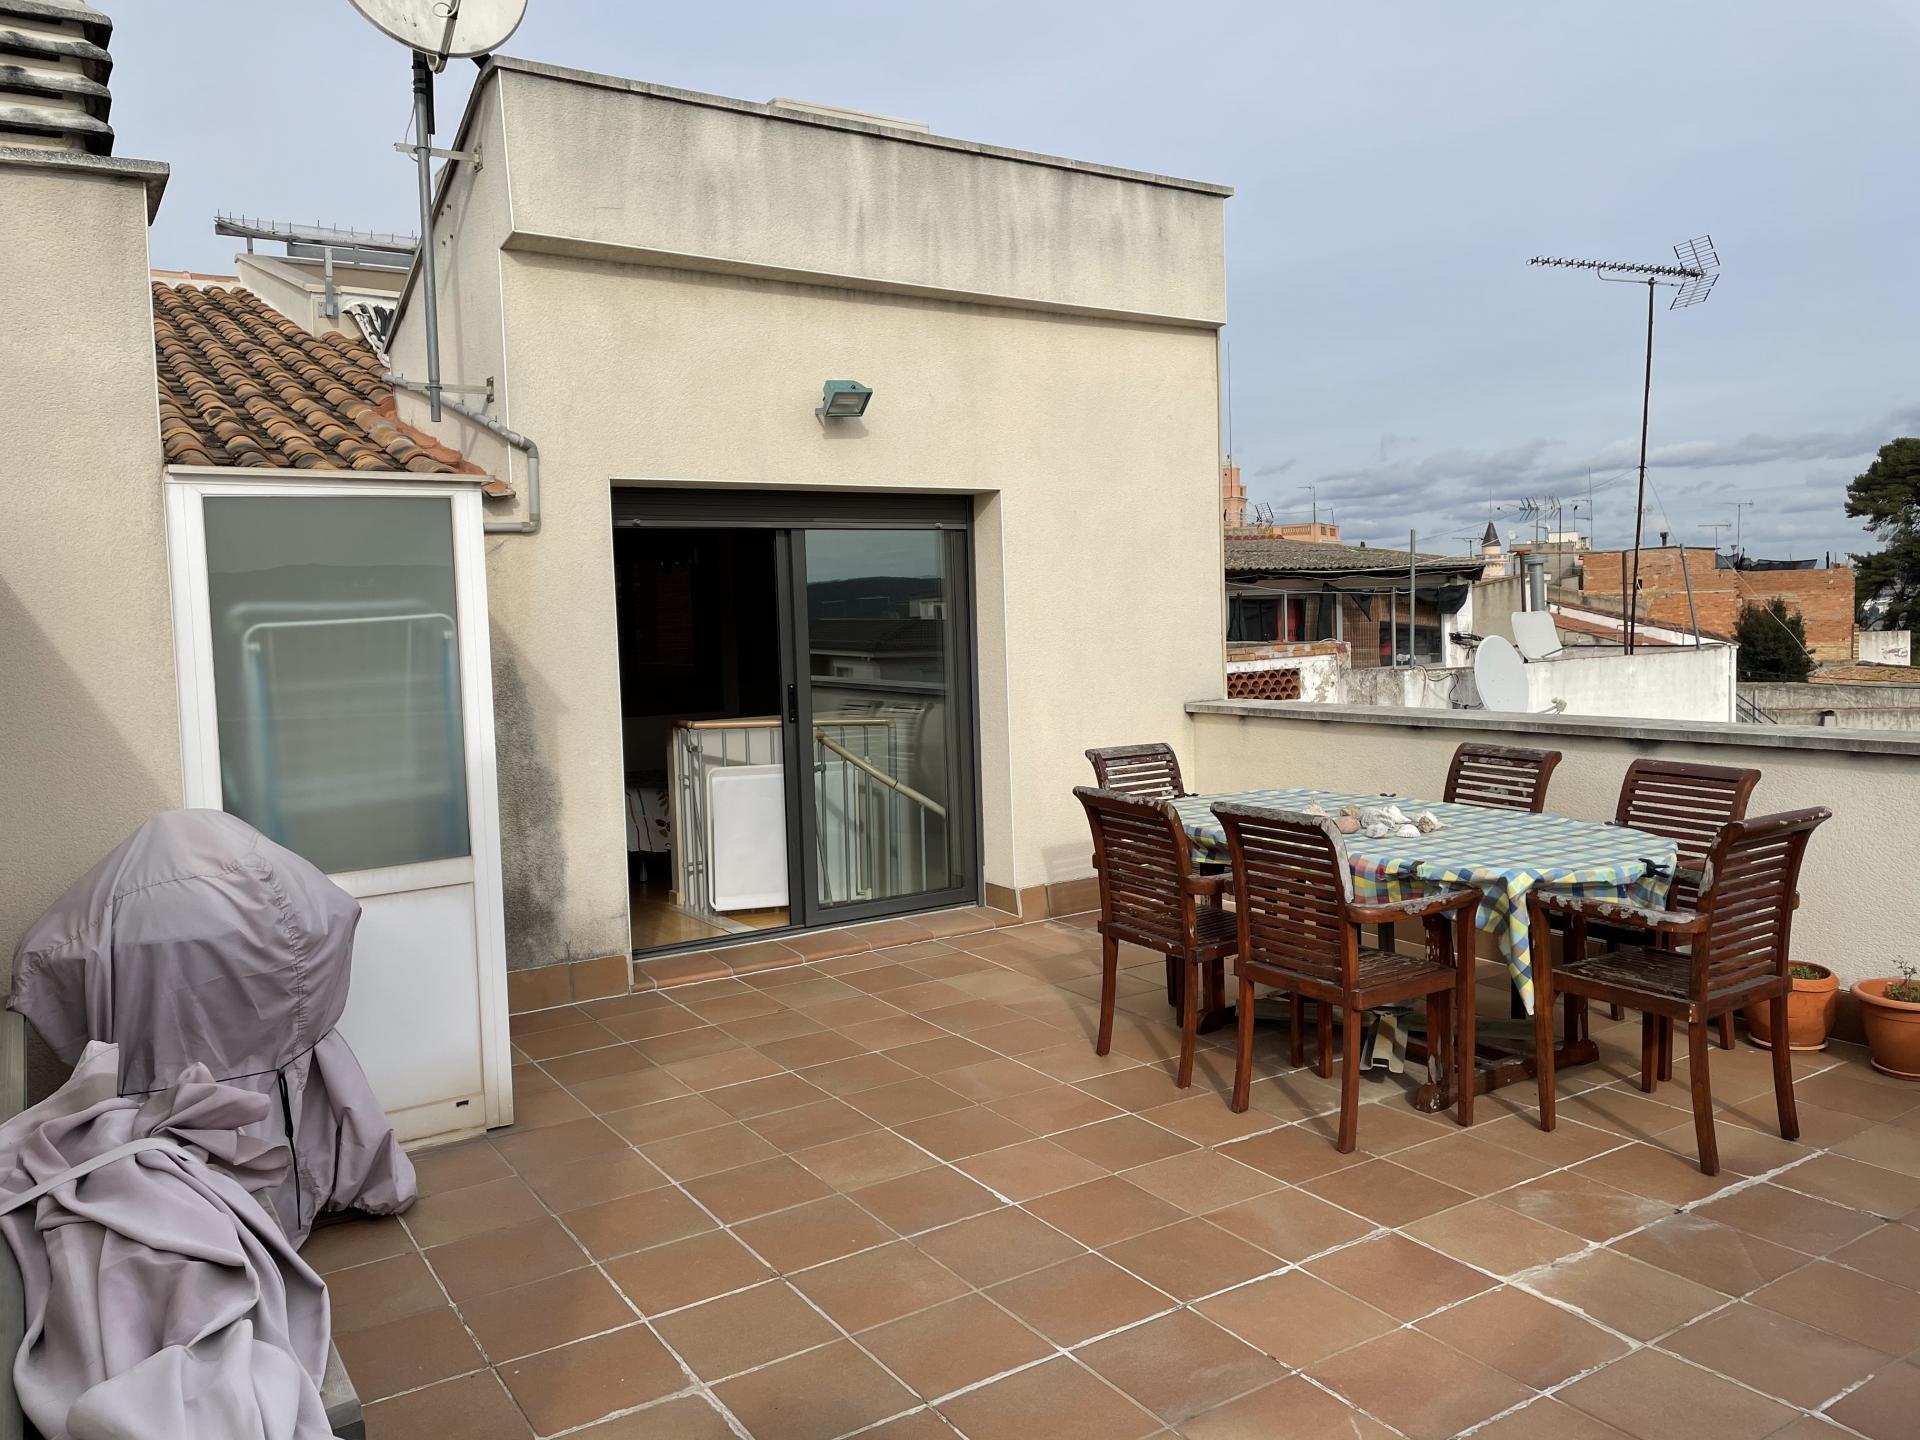 Foto 6 (V-726-2021) - Dúplex en Venda a Calle muralla, Arboç, L